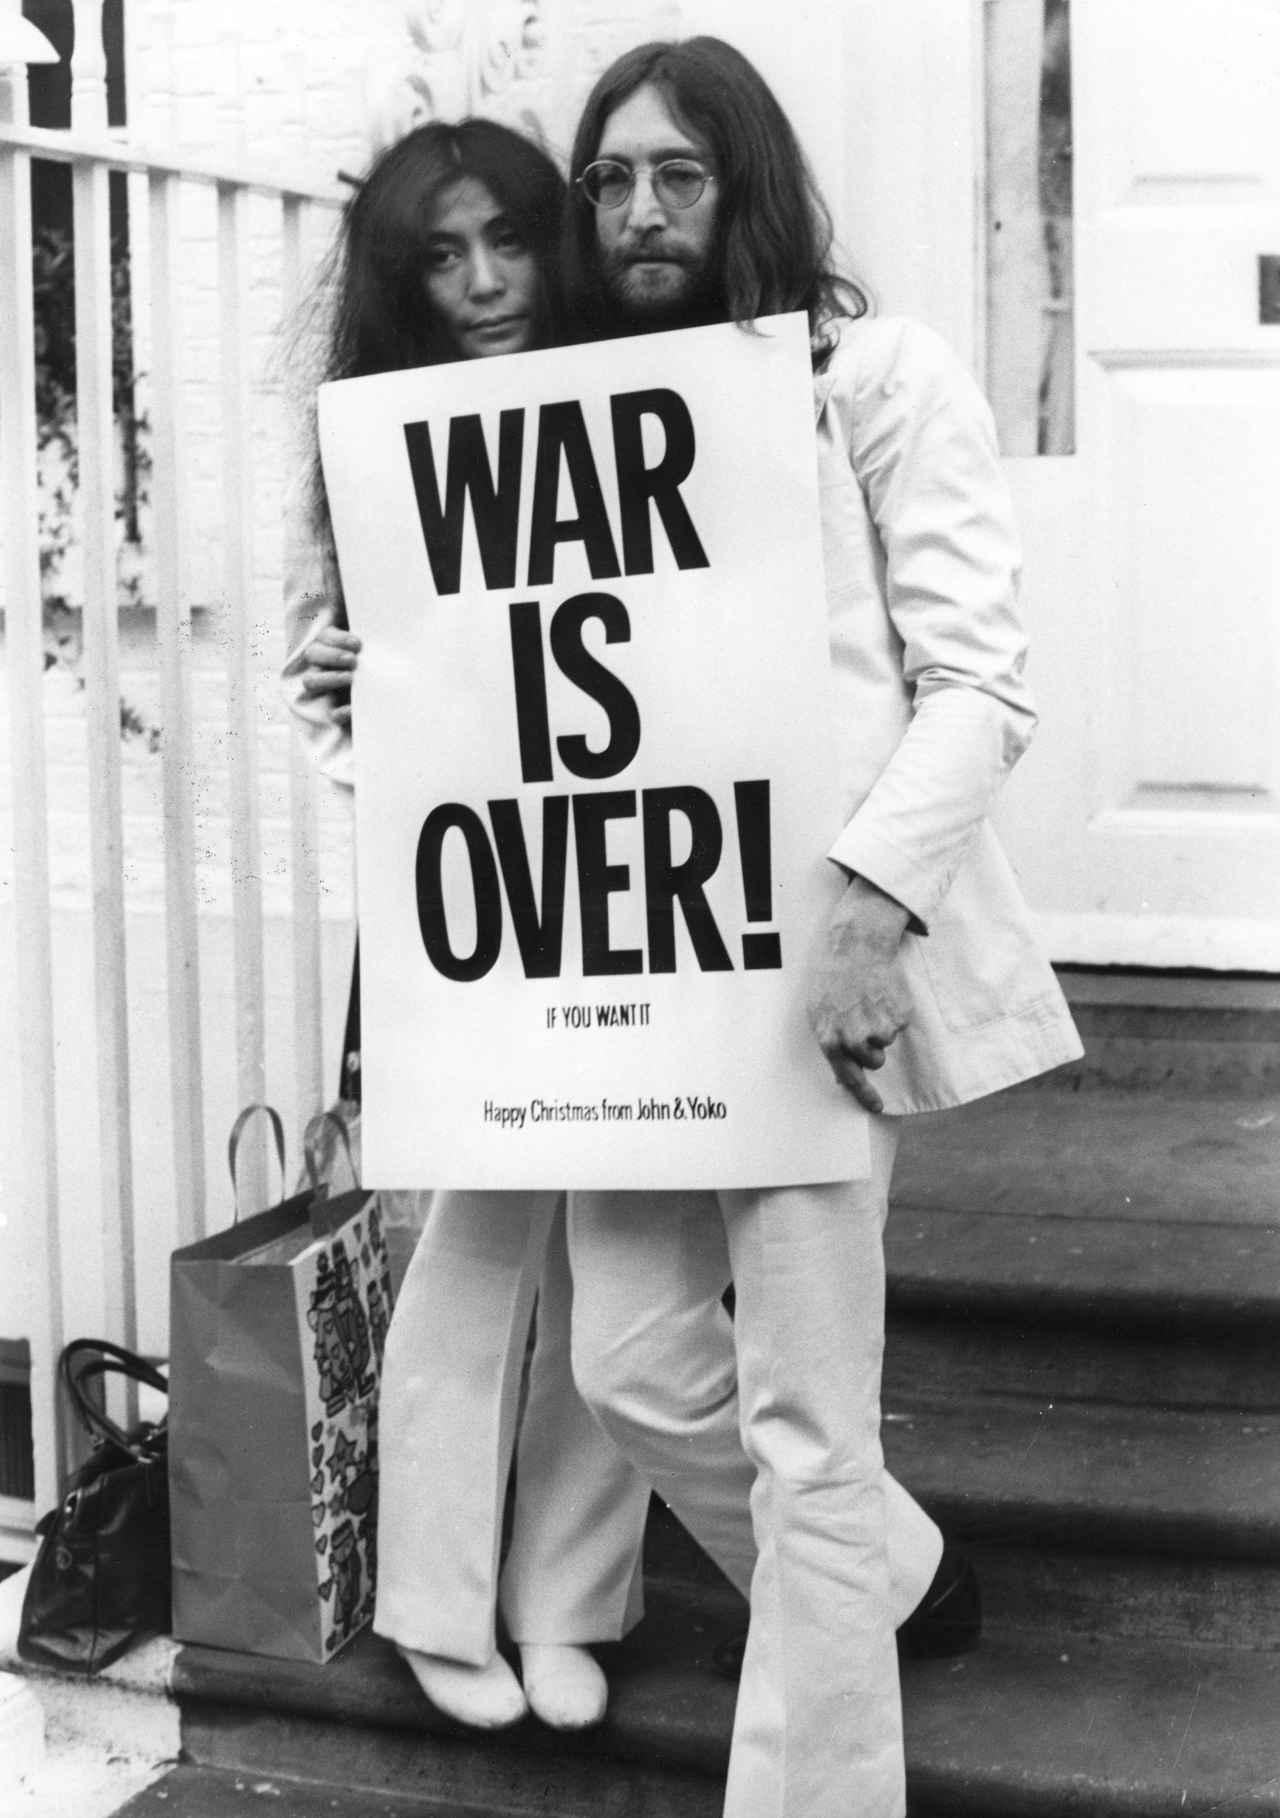 画像: 衝撃的な1枚の写真に、37年前に殺害されたジョン・レノンから社会へメッセージ